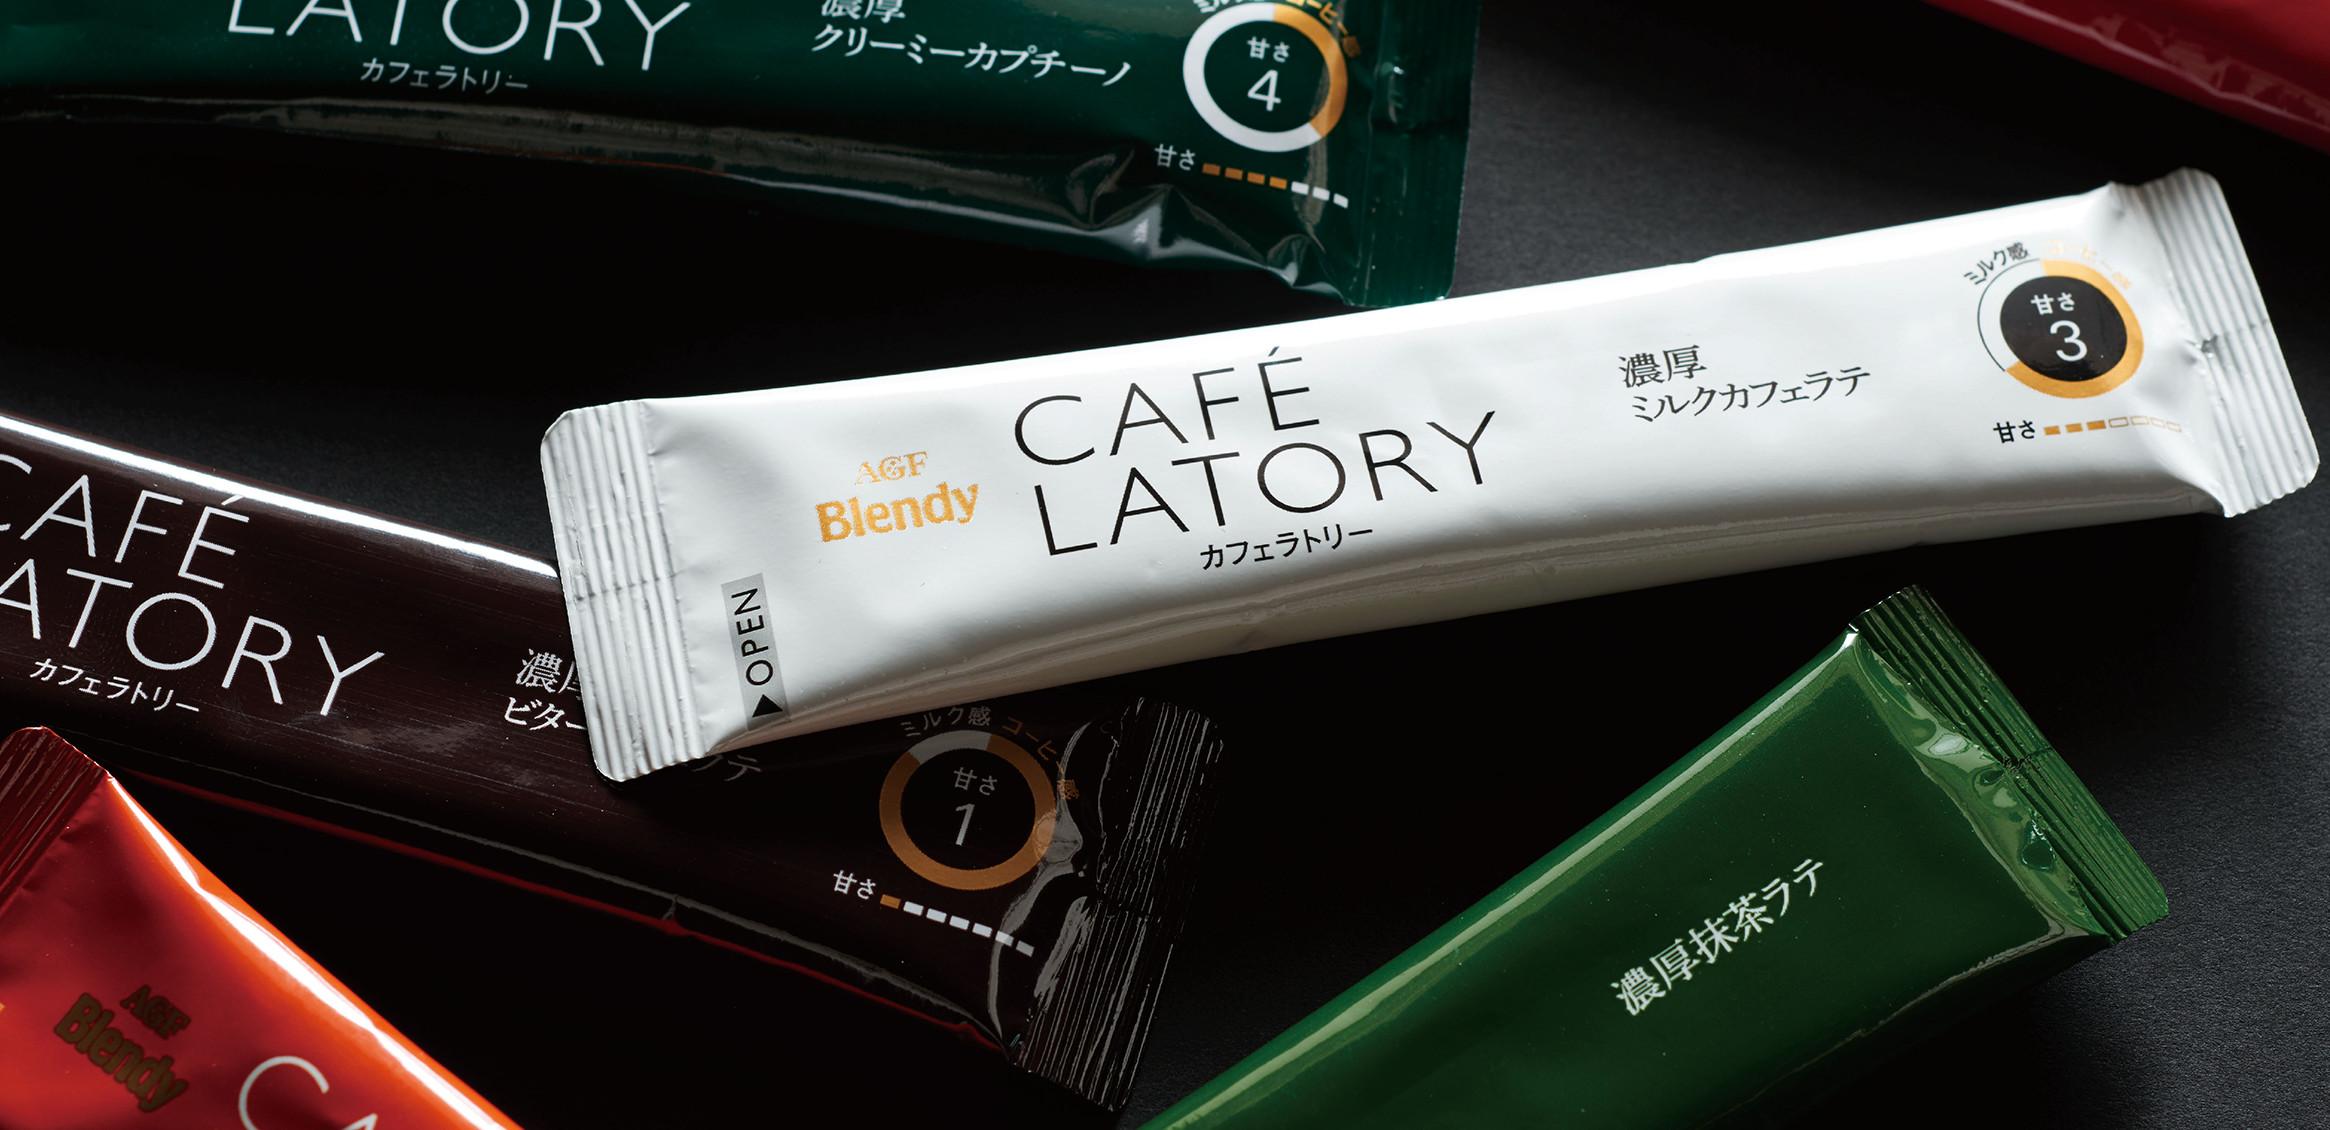 CAFÉLATORY11枚目